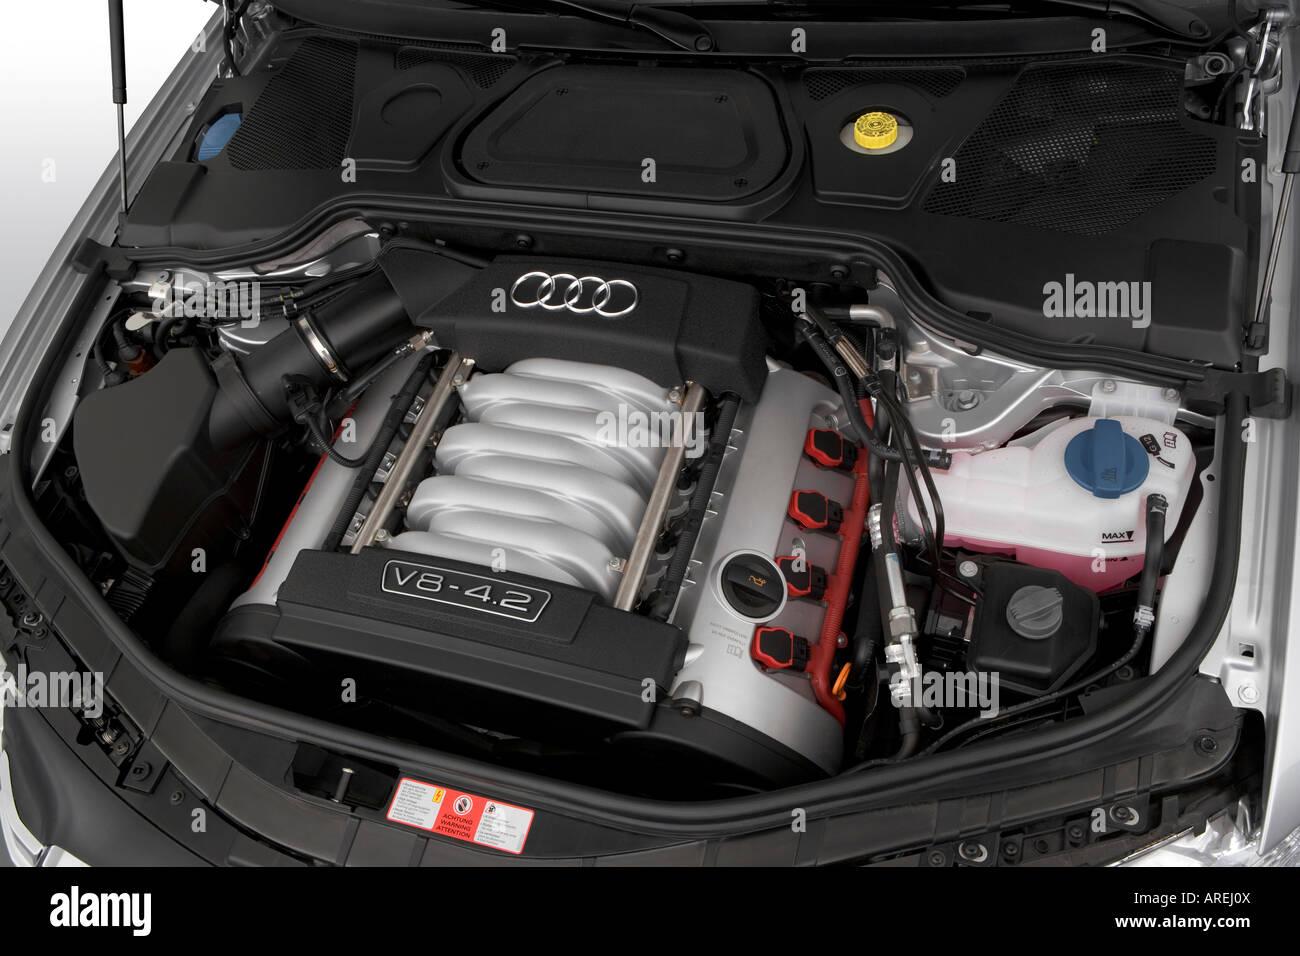 Kelebihan Audi 4.2 V8 Harga